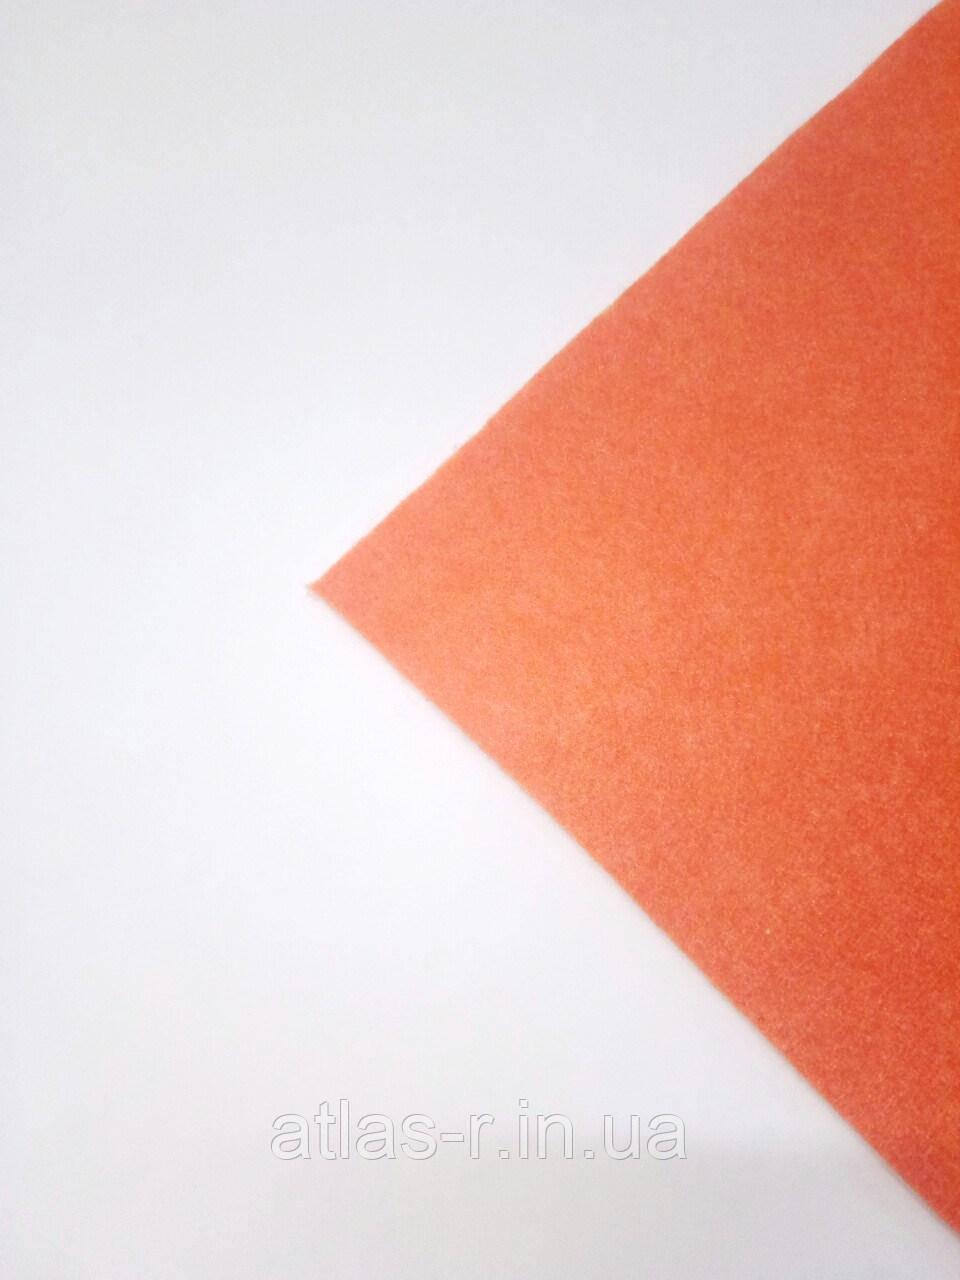 Мягкий фетр для рукоделия ярко-оранжевый, мандриновый листовой 1,3 мм